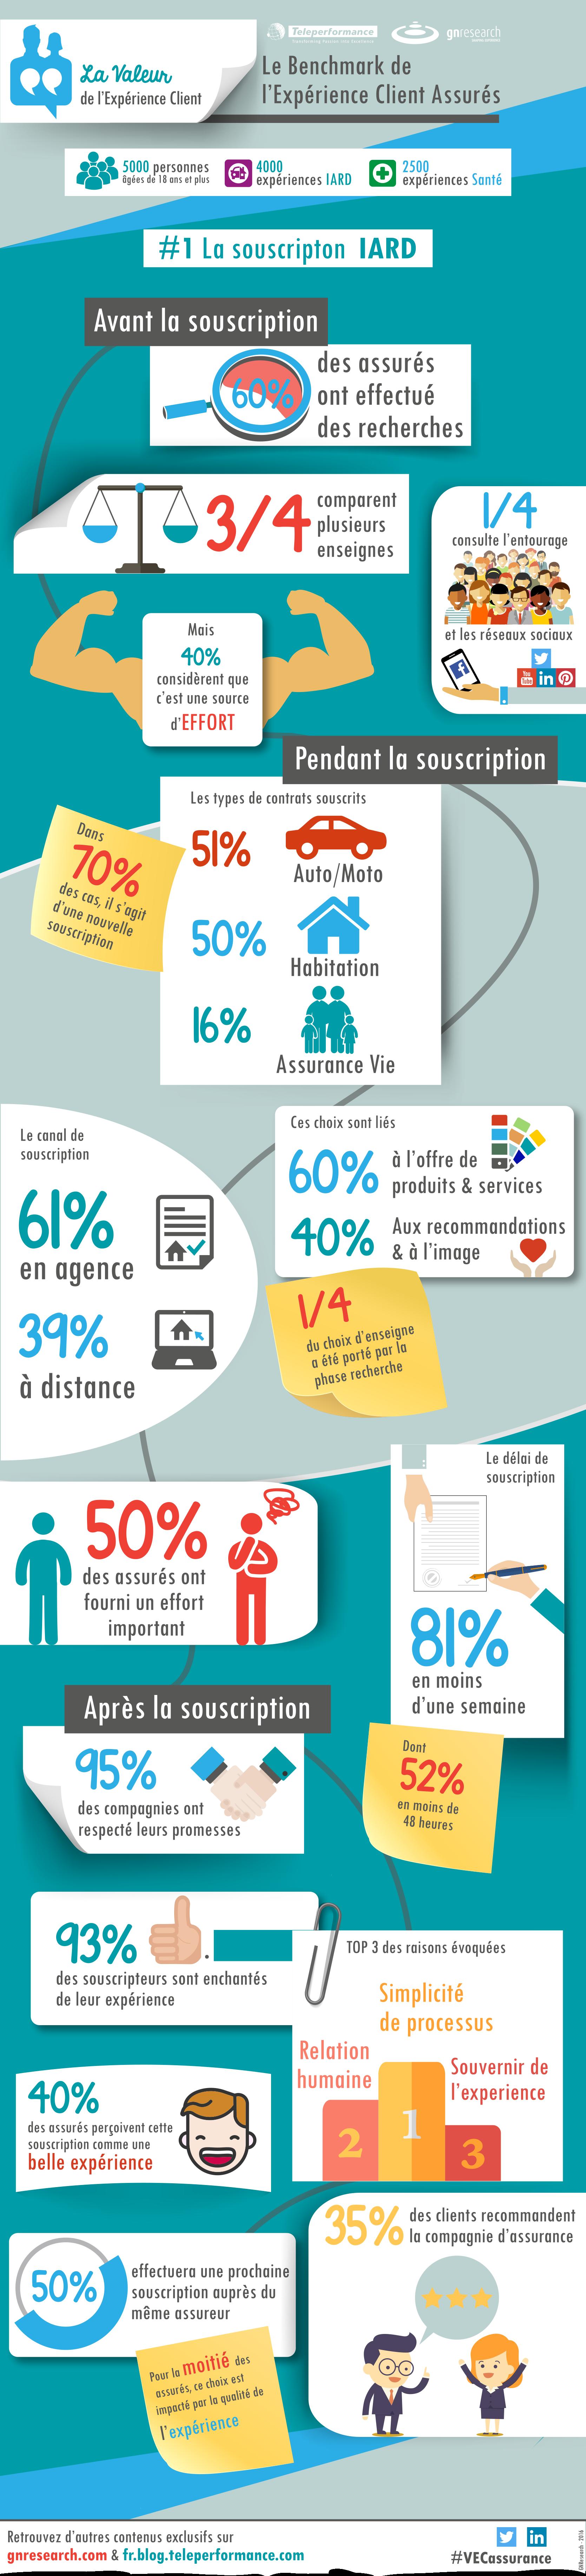 blog_frança_infographic_07_06_2016